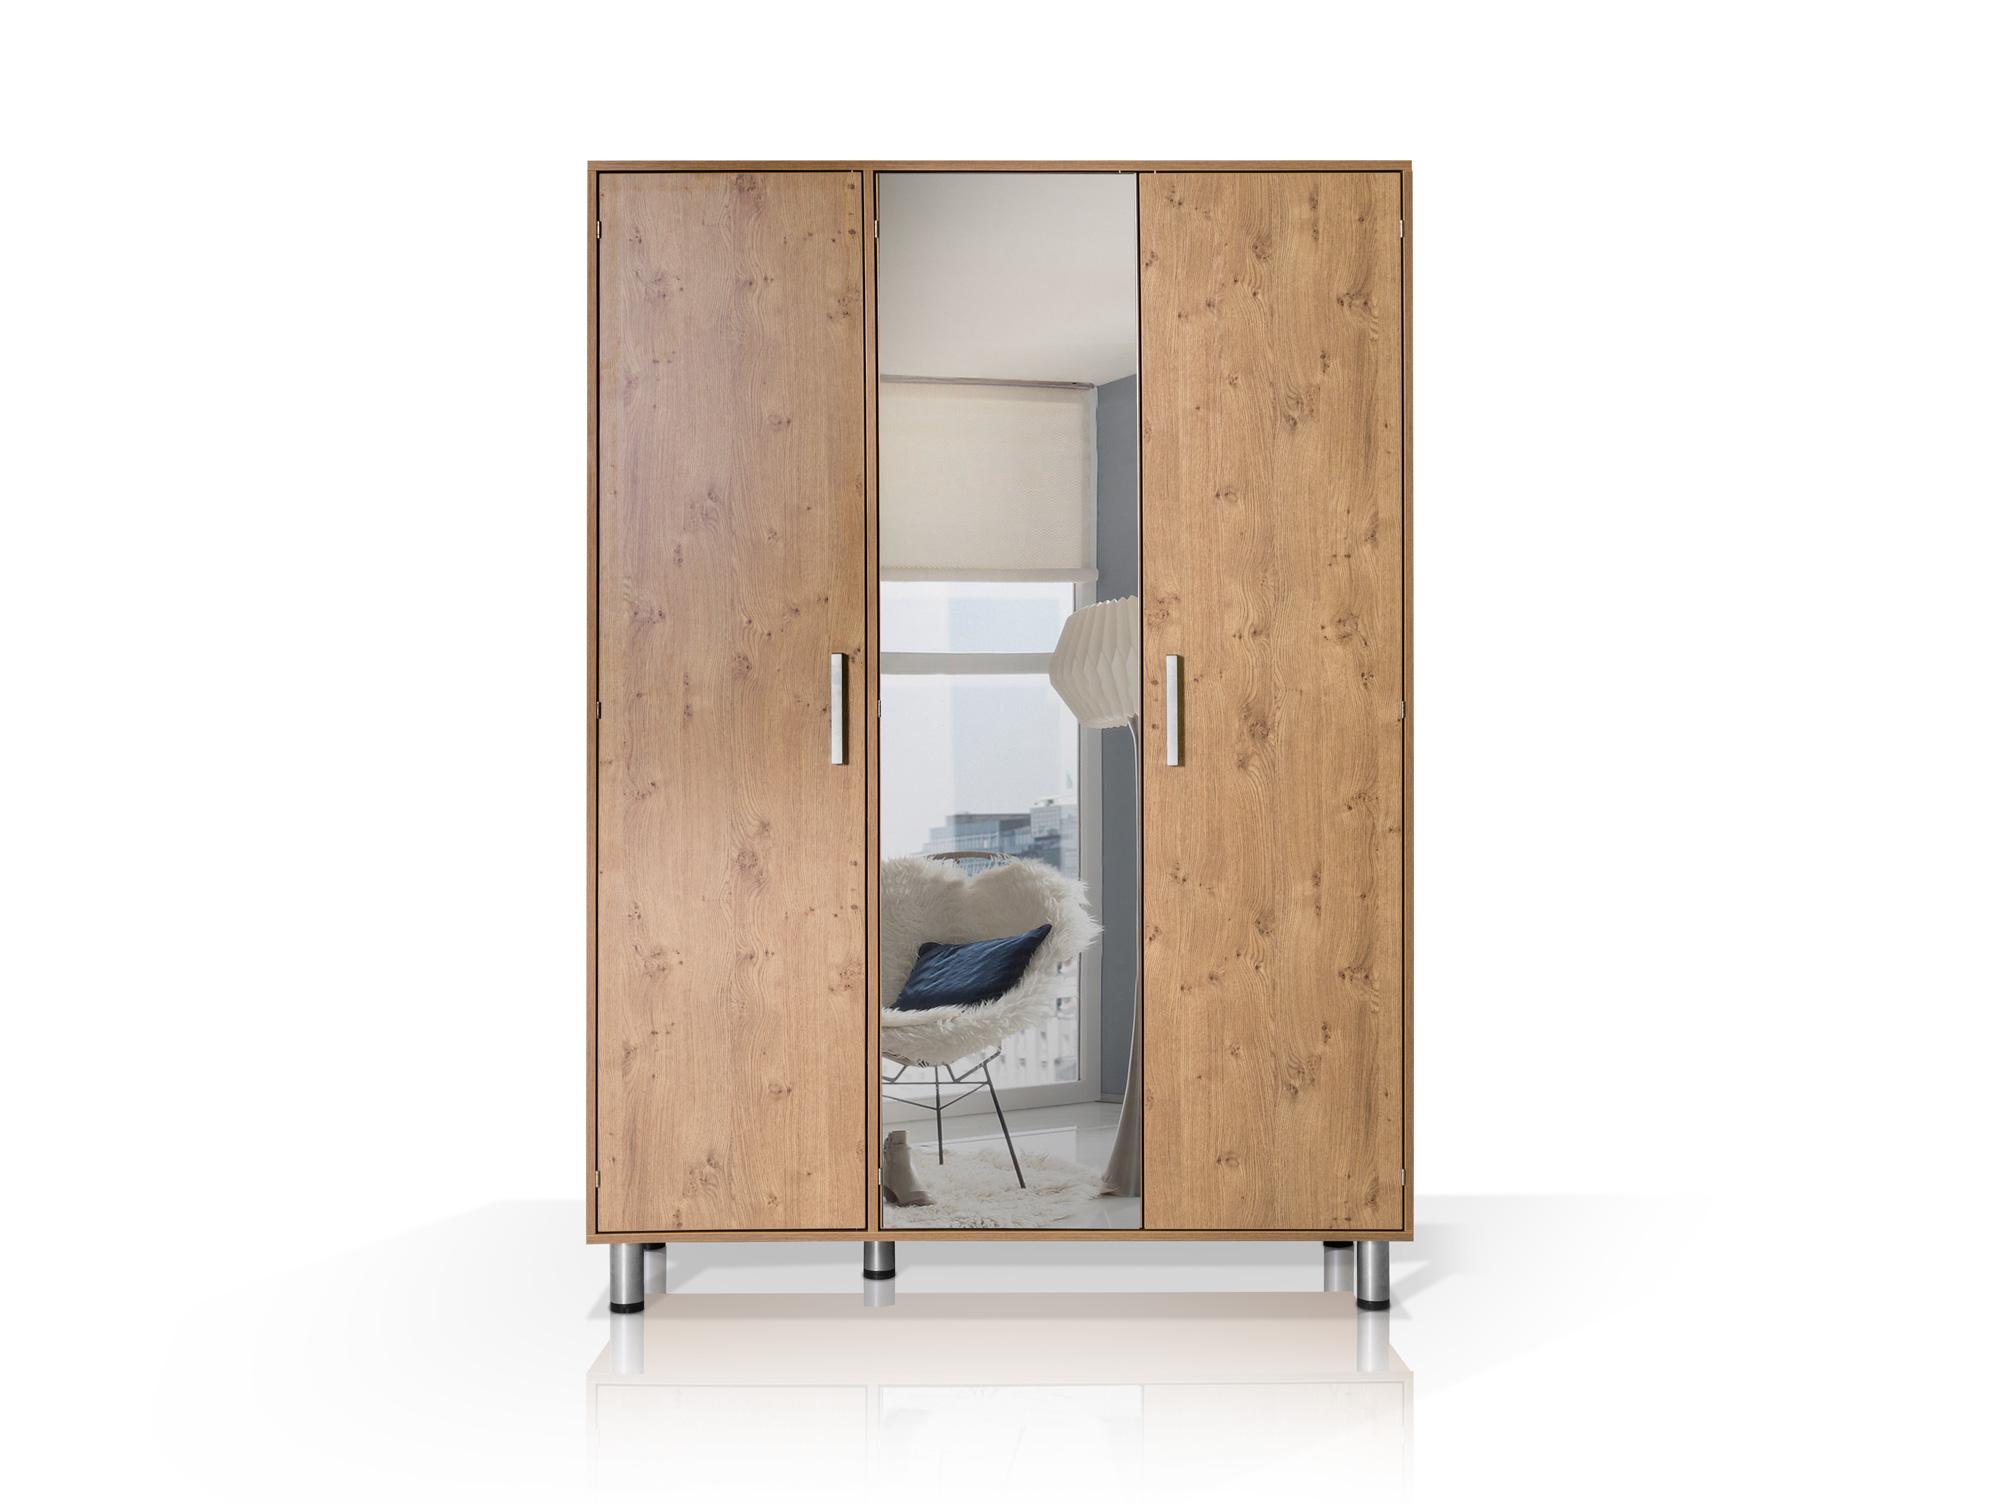 schrank wildeiche good large size of esszimmer schrank. Black Bedroom Furniture Sets. Home Design Ideas